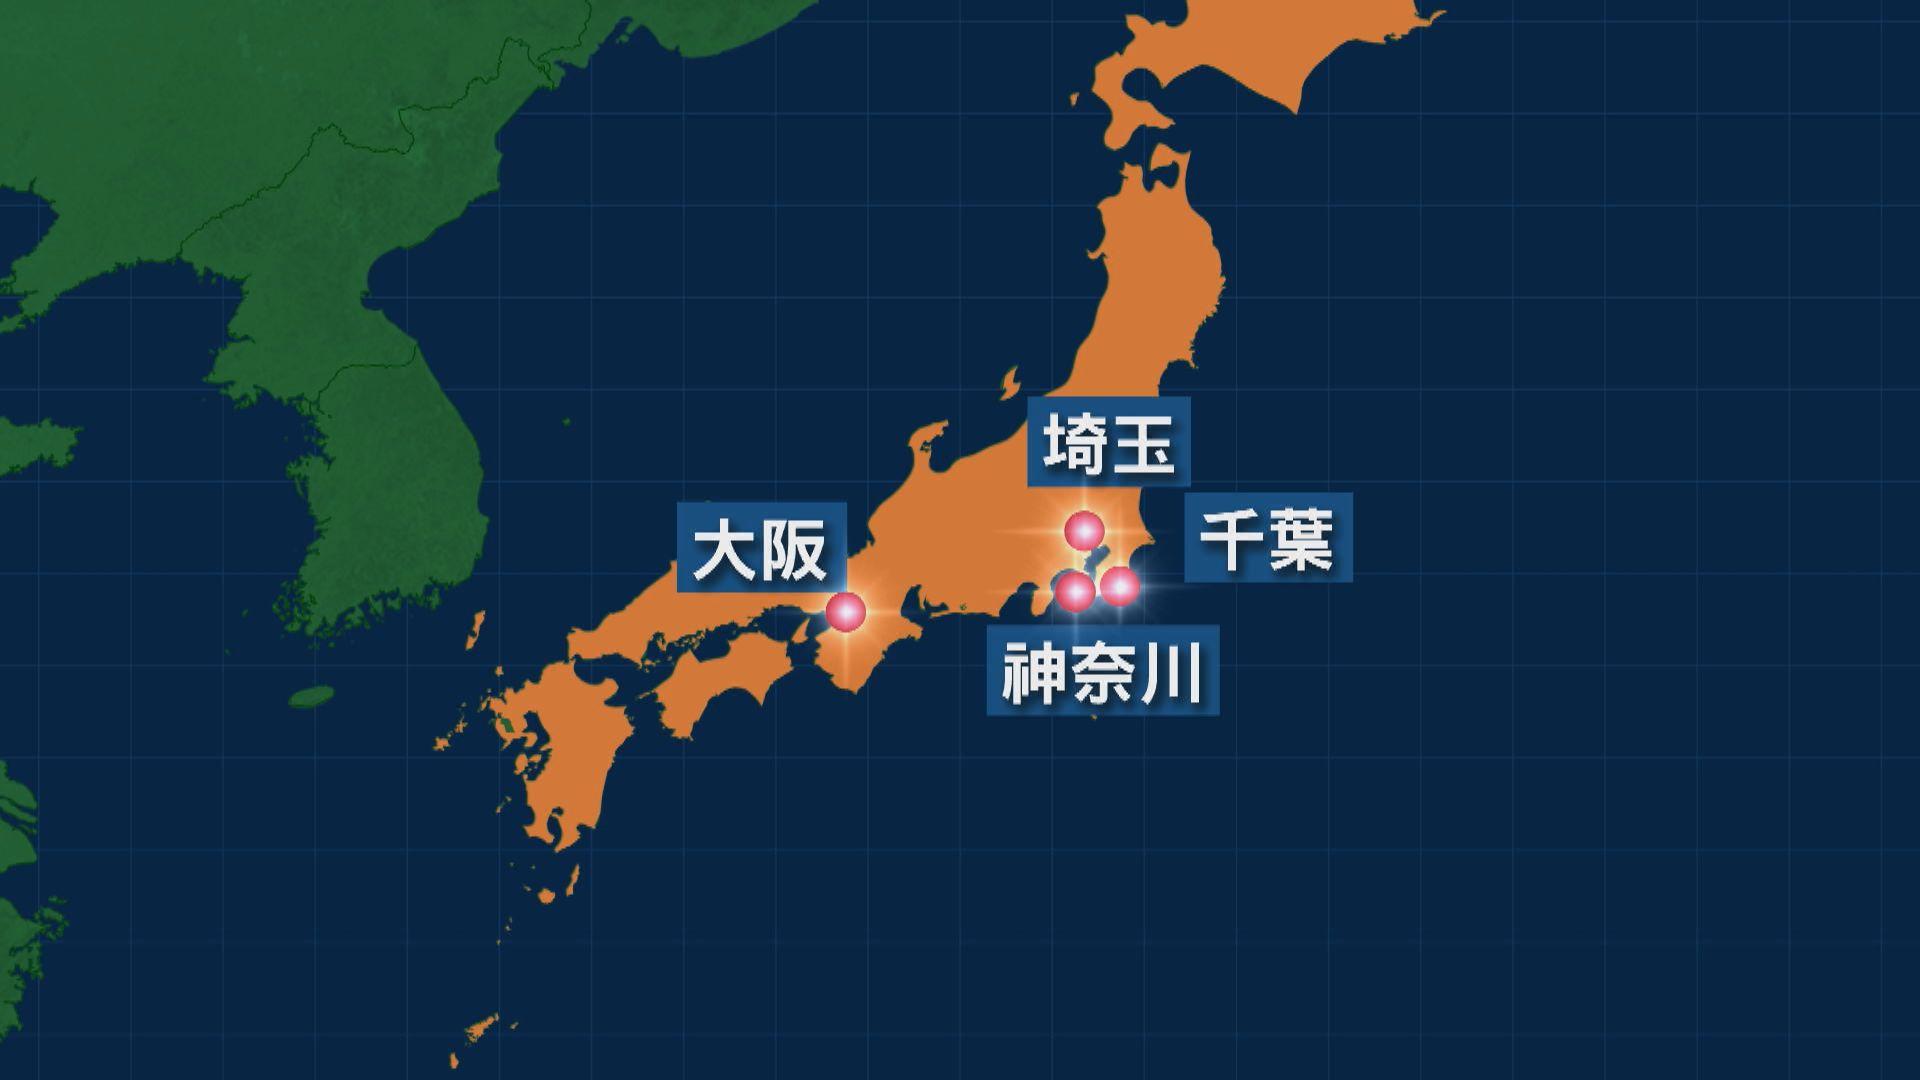 東京緊急狀態延長 大阪等四地周一進緊急狀態